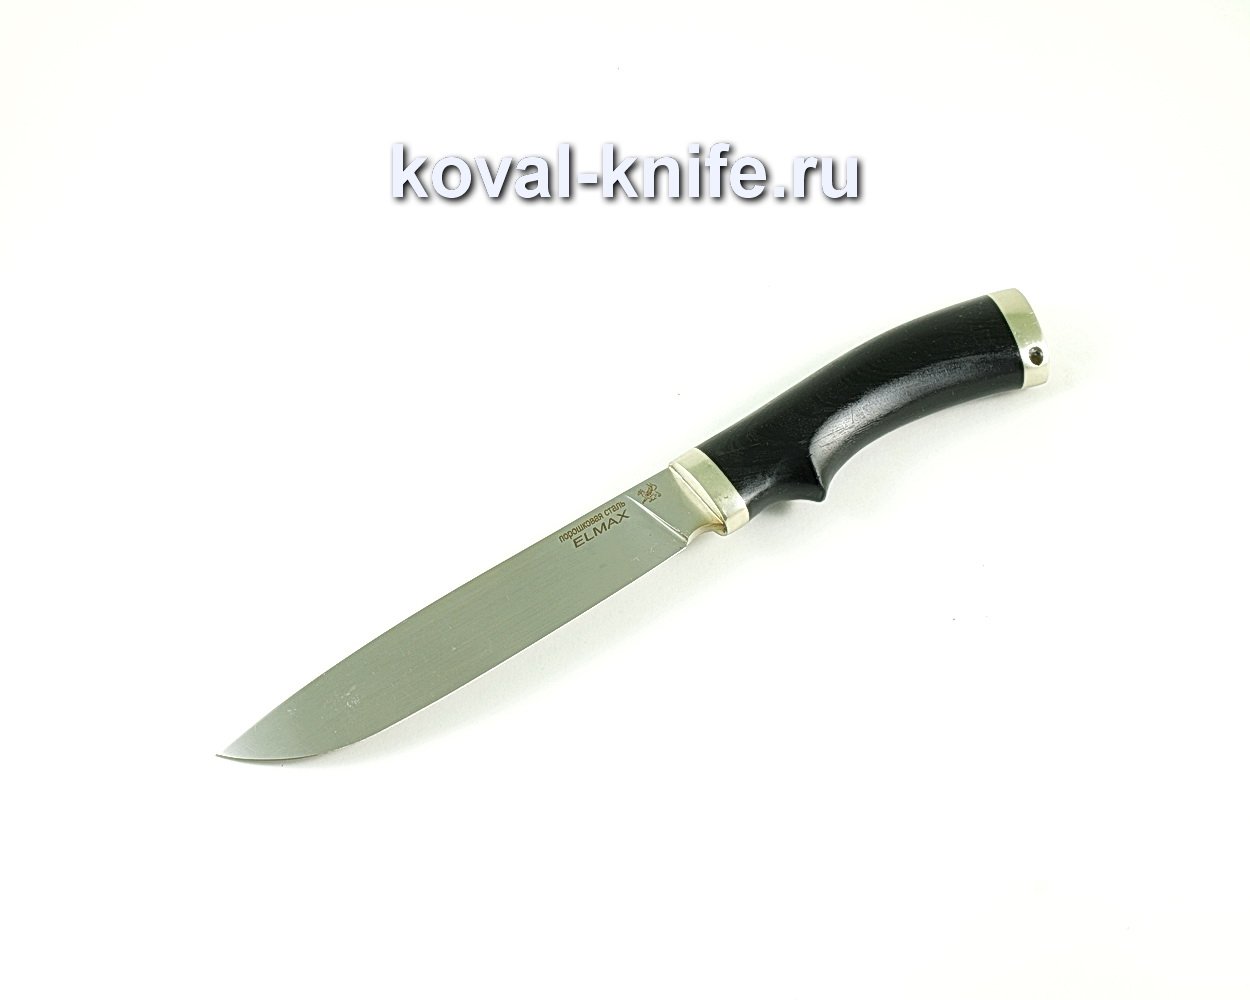 Нож Турист (сталь Elmax), рукоять граб, литье A338